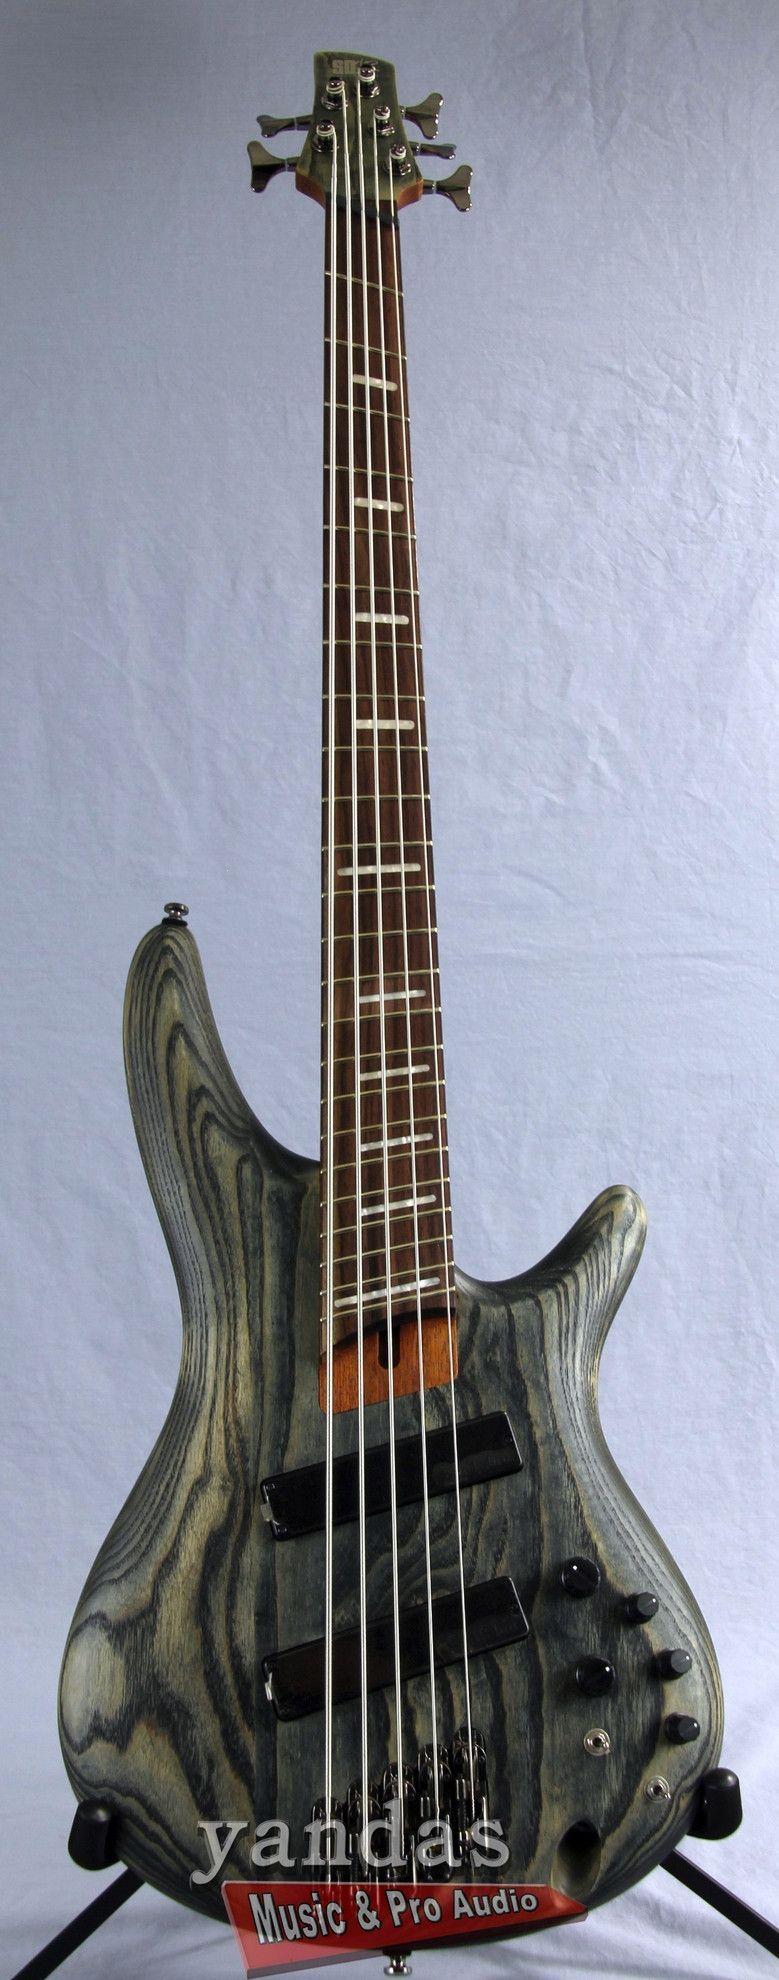 ibanez srff805bks workshop series 5 string bass guitar electric bass guitar bass ibanez. Black Bedroom Furniture Sets. Home Design Ideas